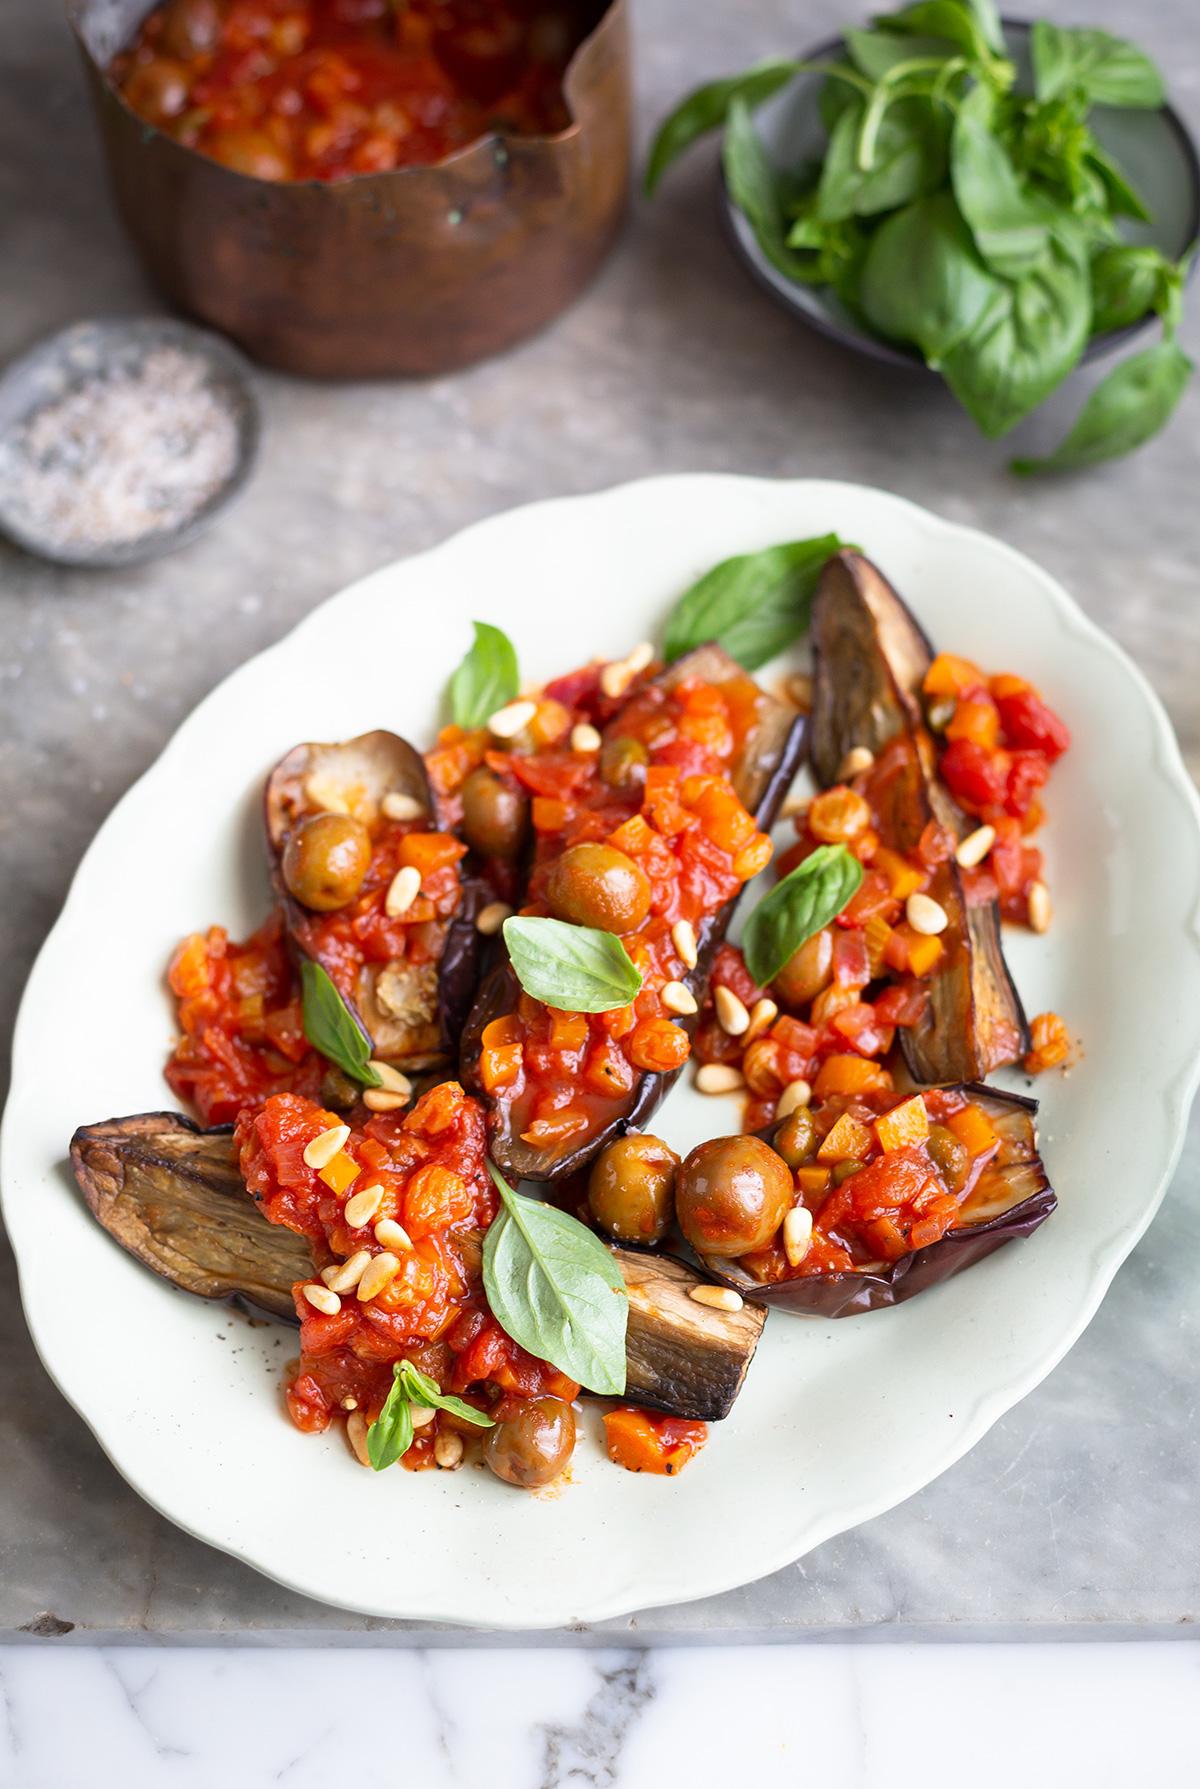 Roasted eggplant with caponata recipe